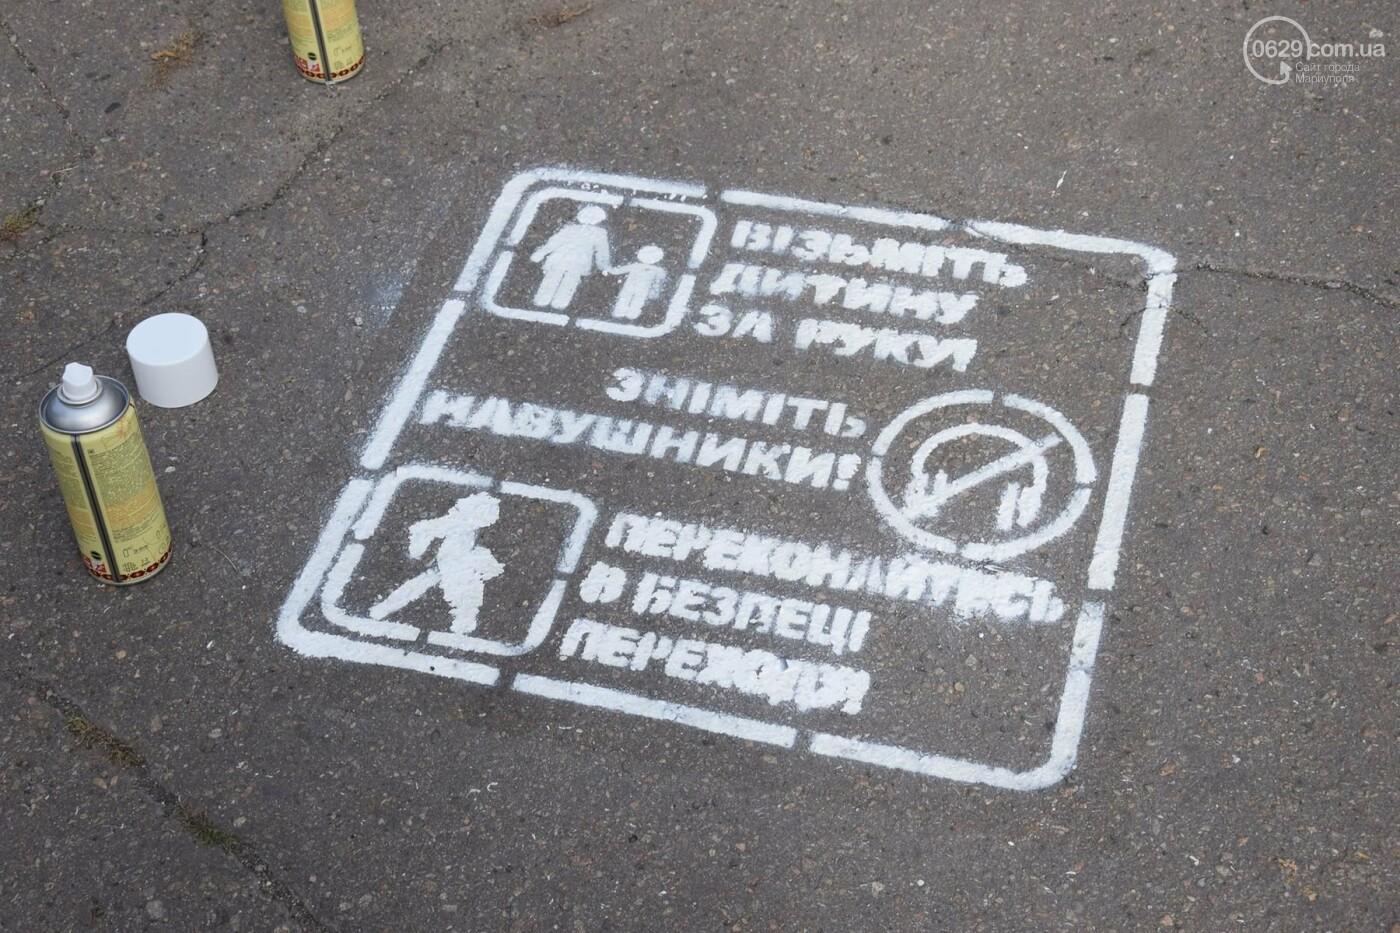 В Мариуполе общественники и патрульные полицейские украшают город необычными трафаретами, - ФОТО, ВИДЕО, фото-4